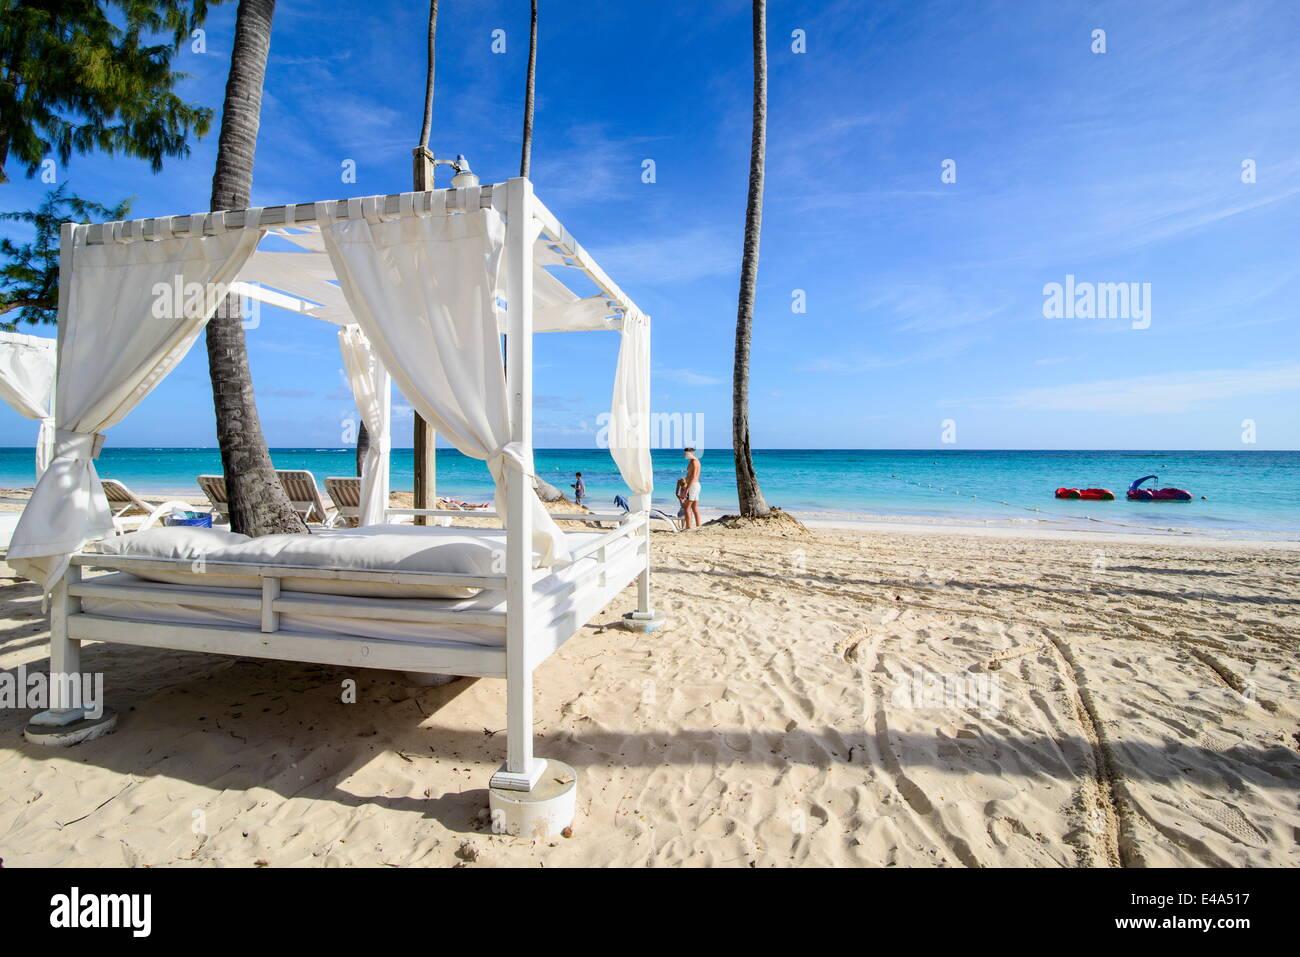 Cama con dosel en la playa de Bávaro, Punta Cana, República Dominicana, Antillas, Caribe, América Imagen De Stock